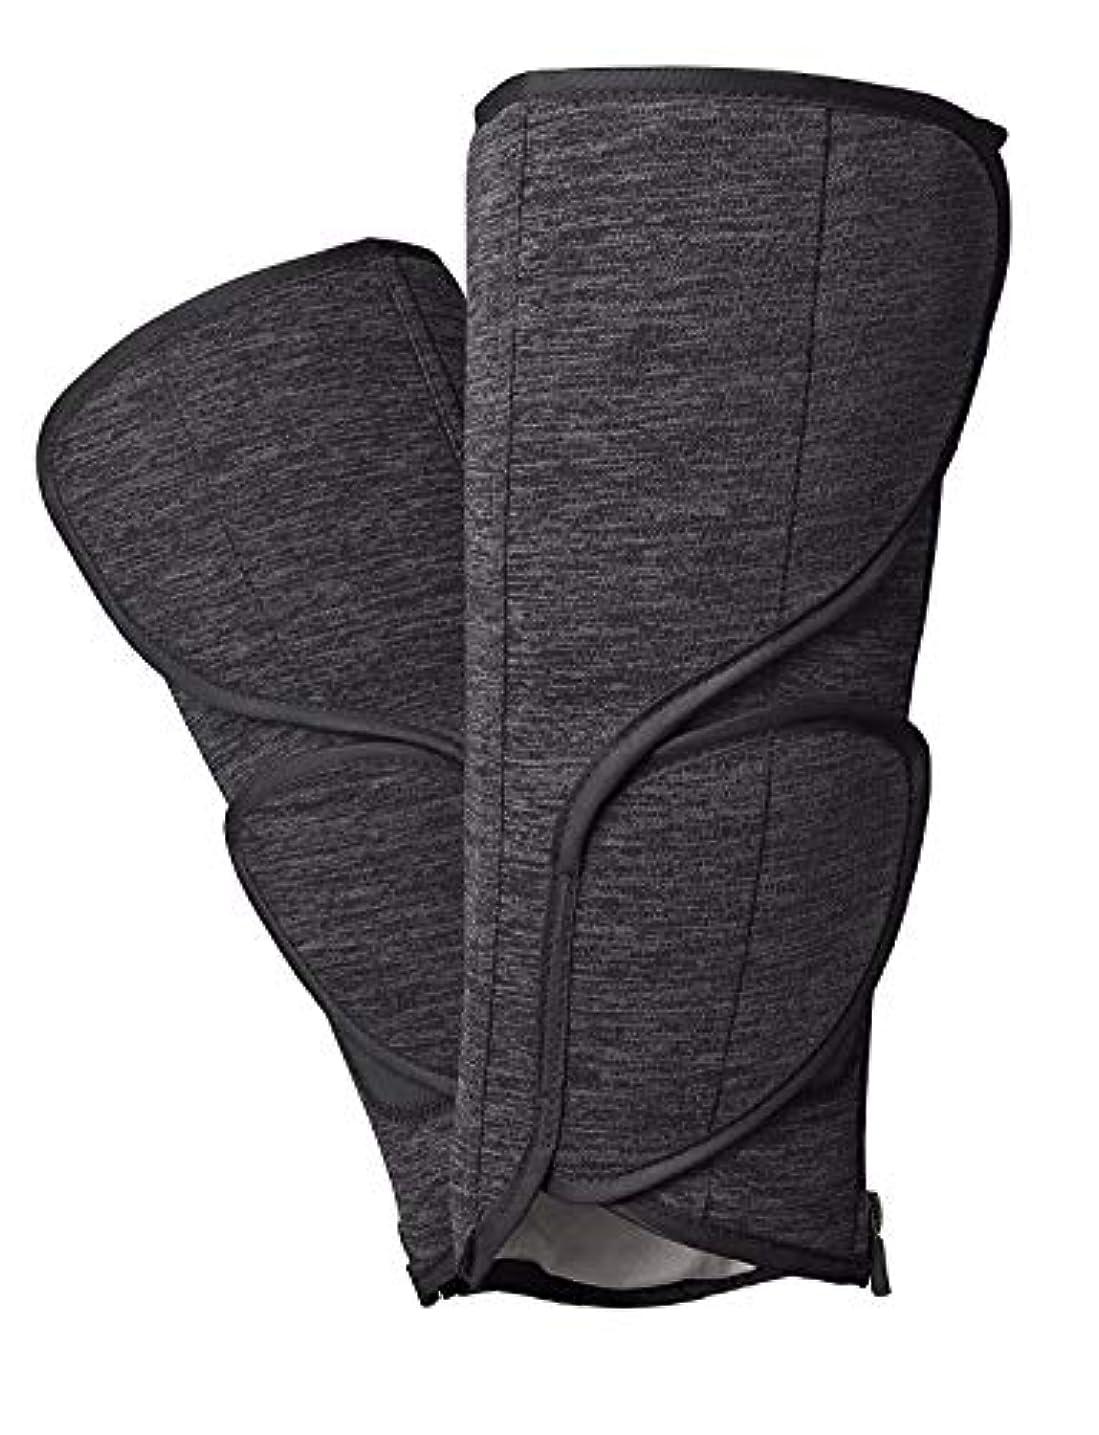 強調肌脱臼するパナソニック エアーマッサージャー コードレス レッグリフレ ブラック EW-CRA38-K